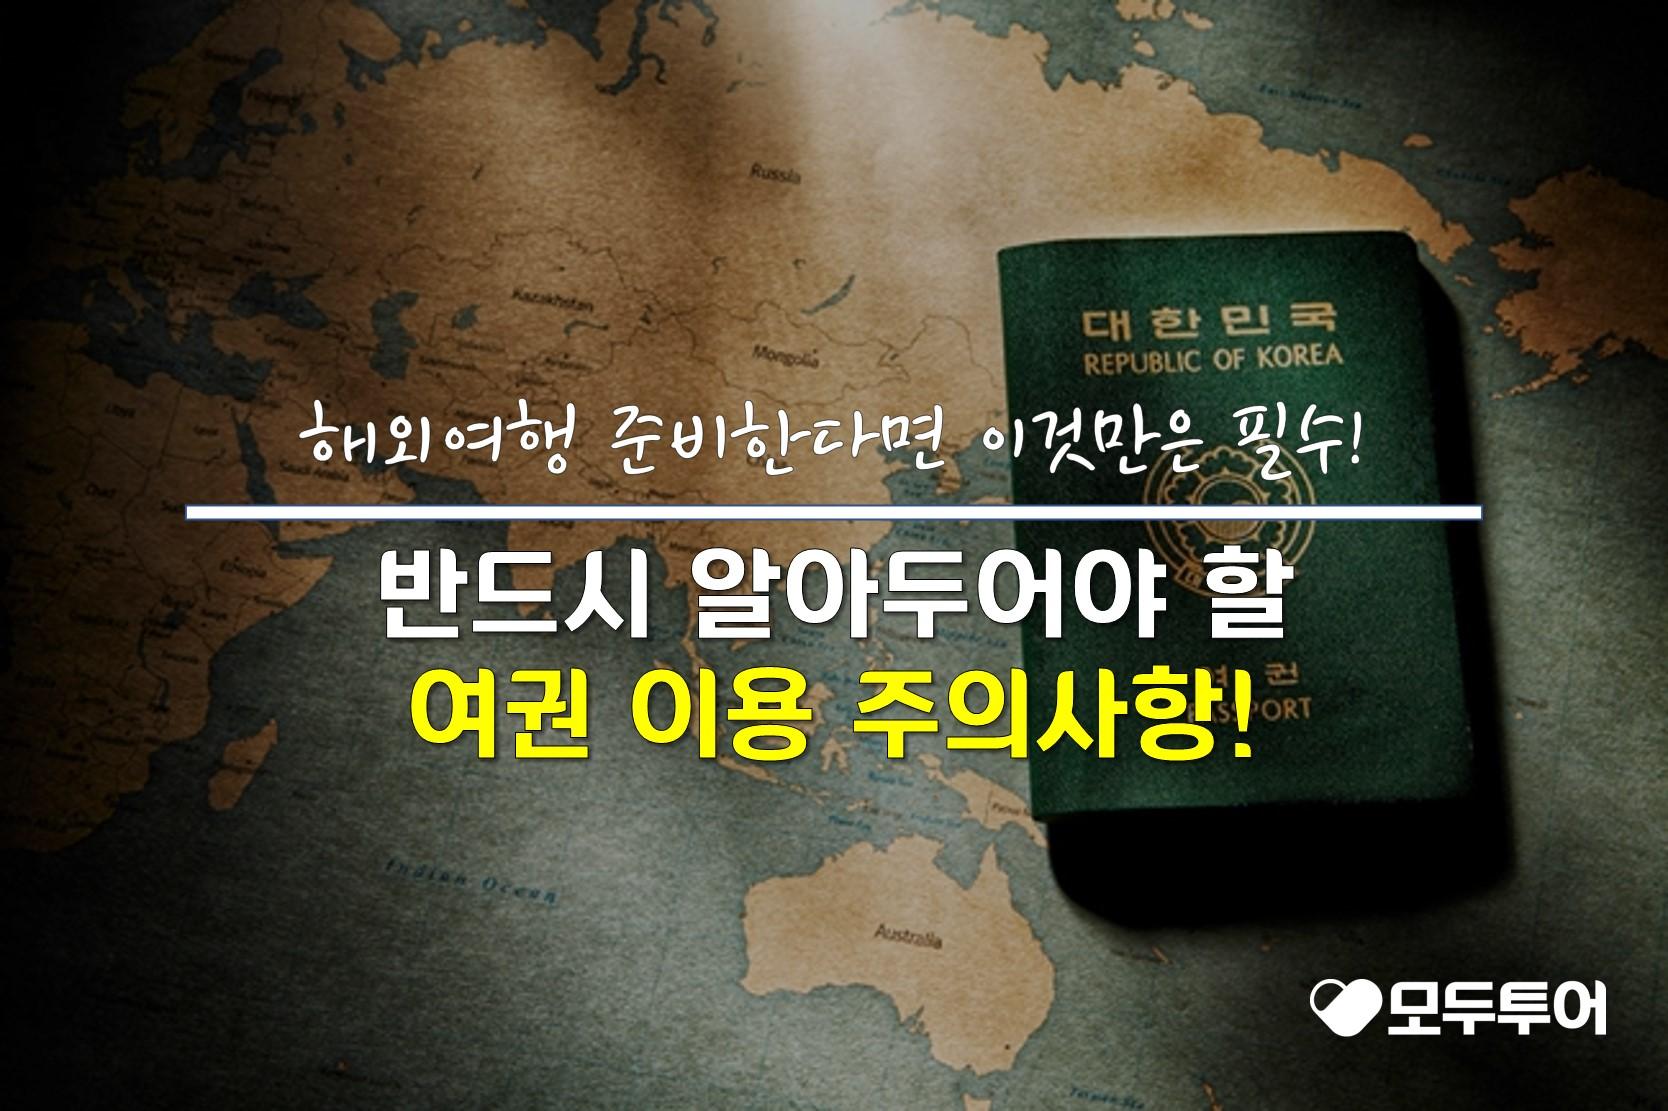 해외여행 전 여권 이용 주의사항 알아두세요!